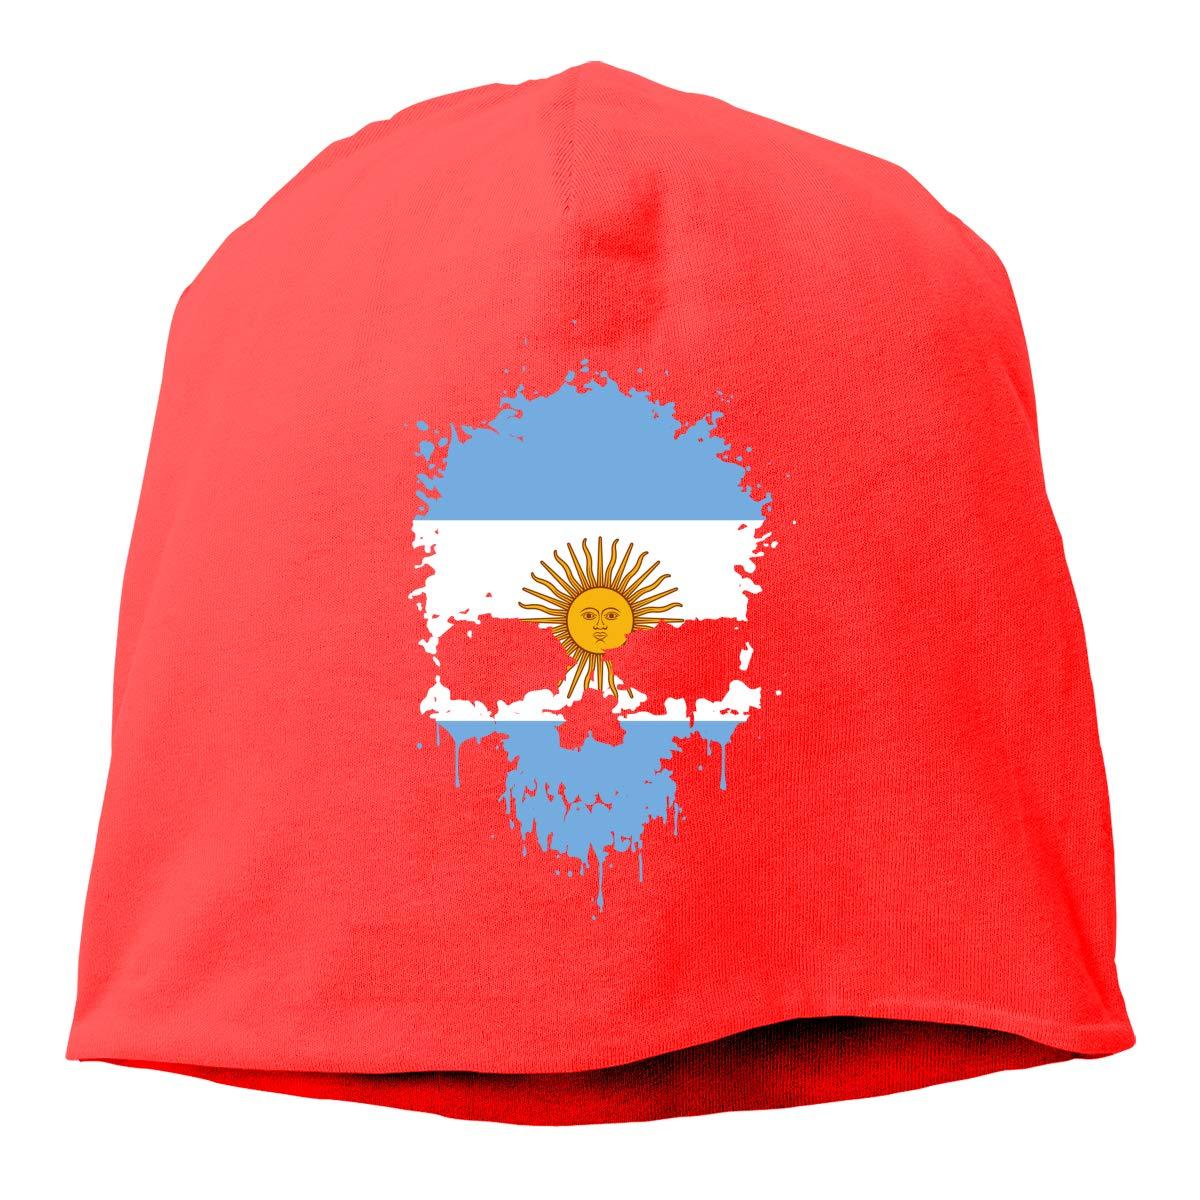 TLPM9LKMBM Argentina Flag Splatter Skull Beanie Skull Cap for Women and Men Winter Warm Daily Hat